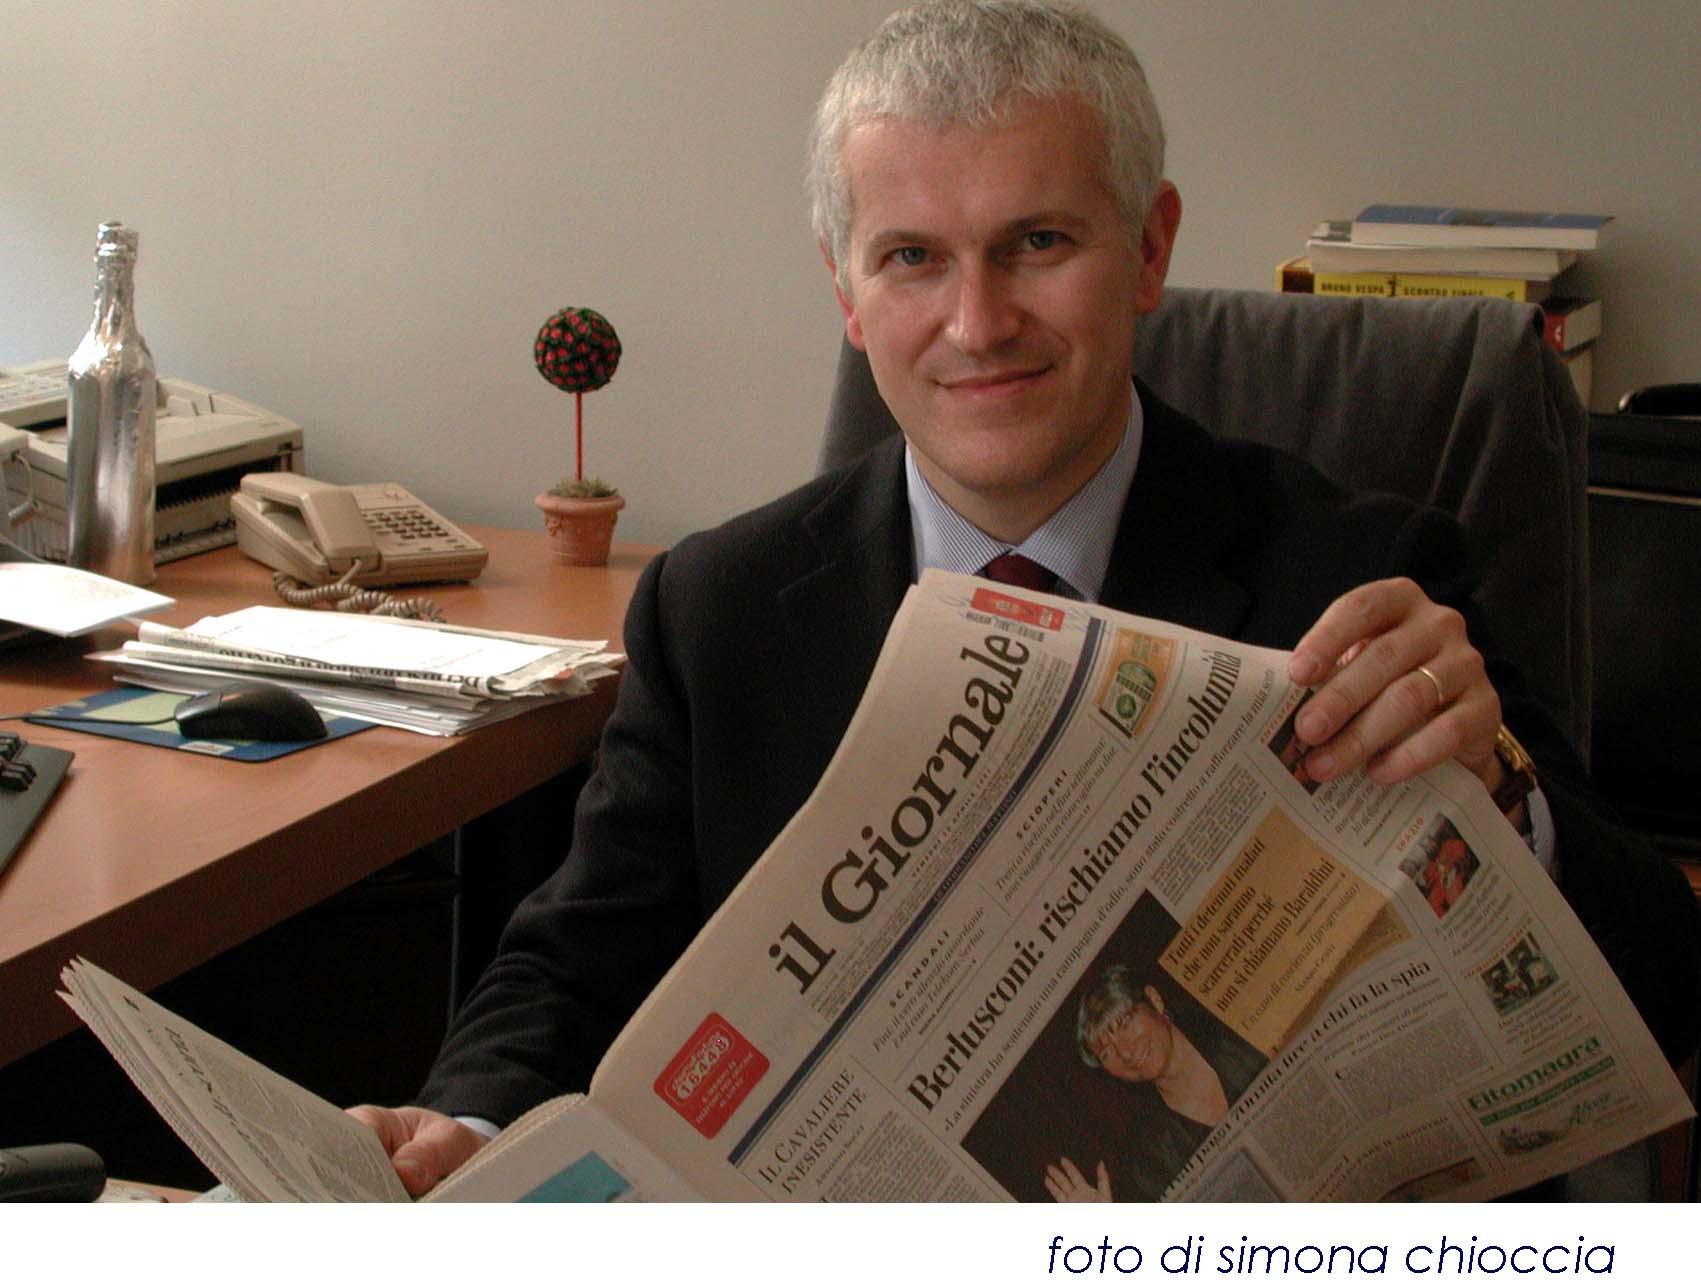 foto proveniente da www.il-processo-a-internet.com